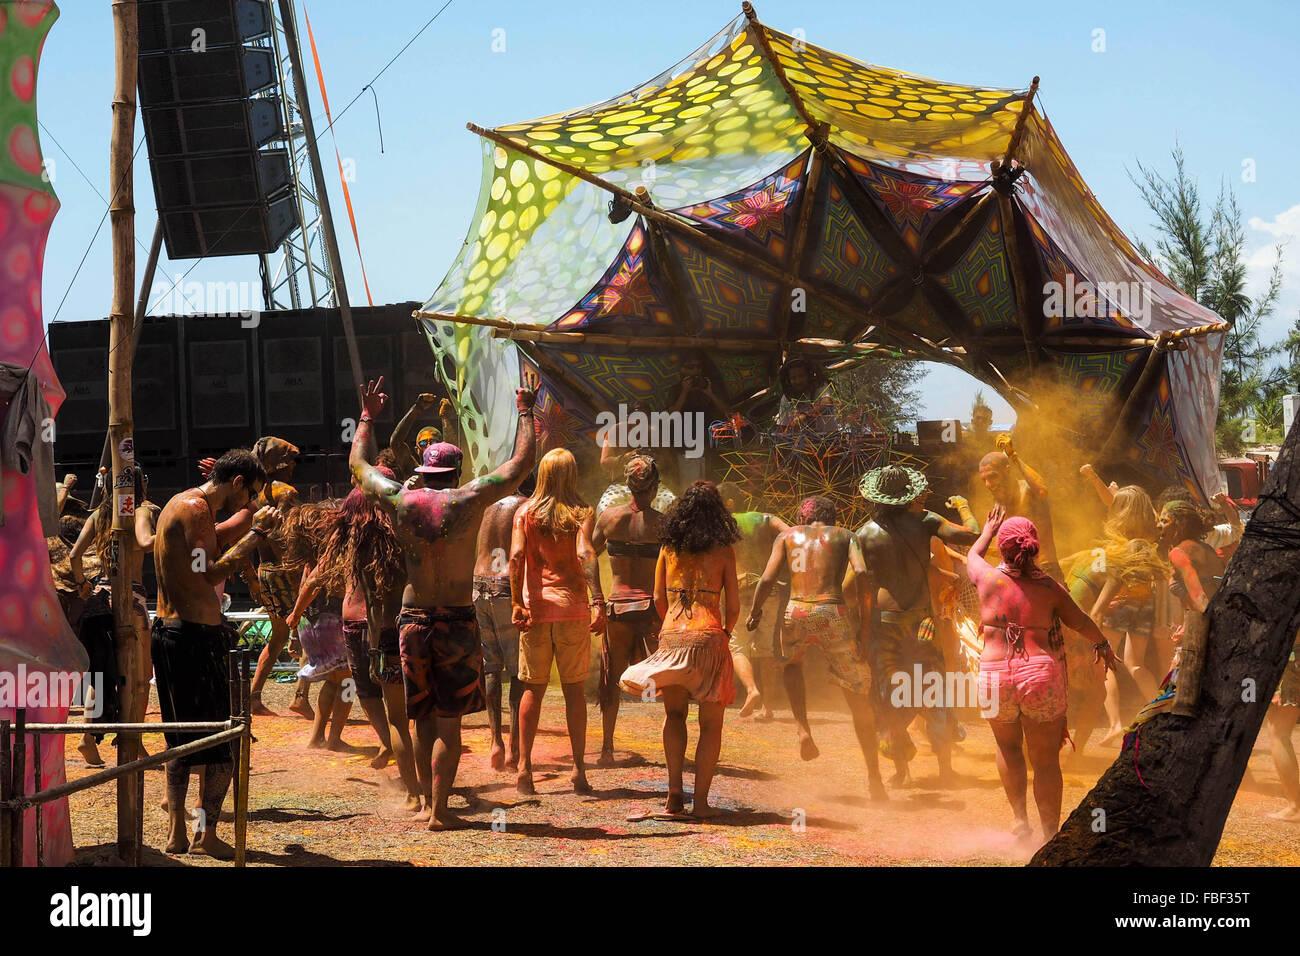 Folla ballare la musica elettronica festival a Praia dos Garcez, Bahia, Brasile. Immagini Stock